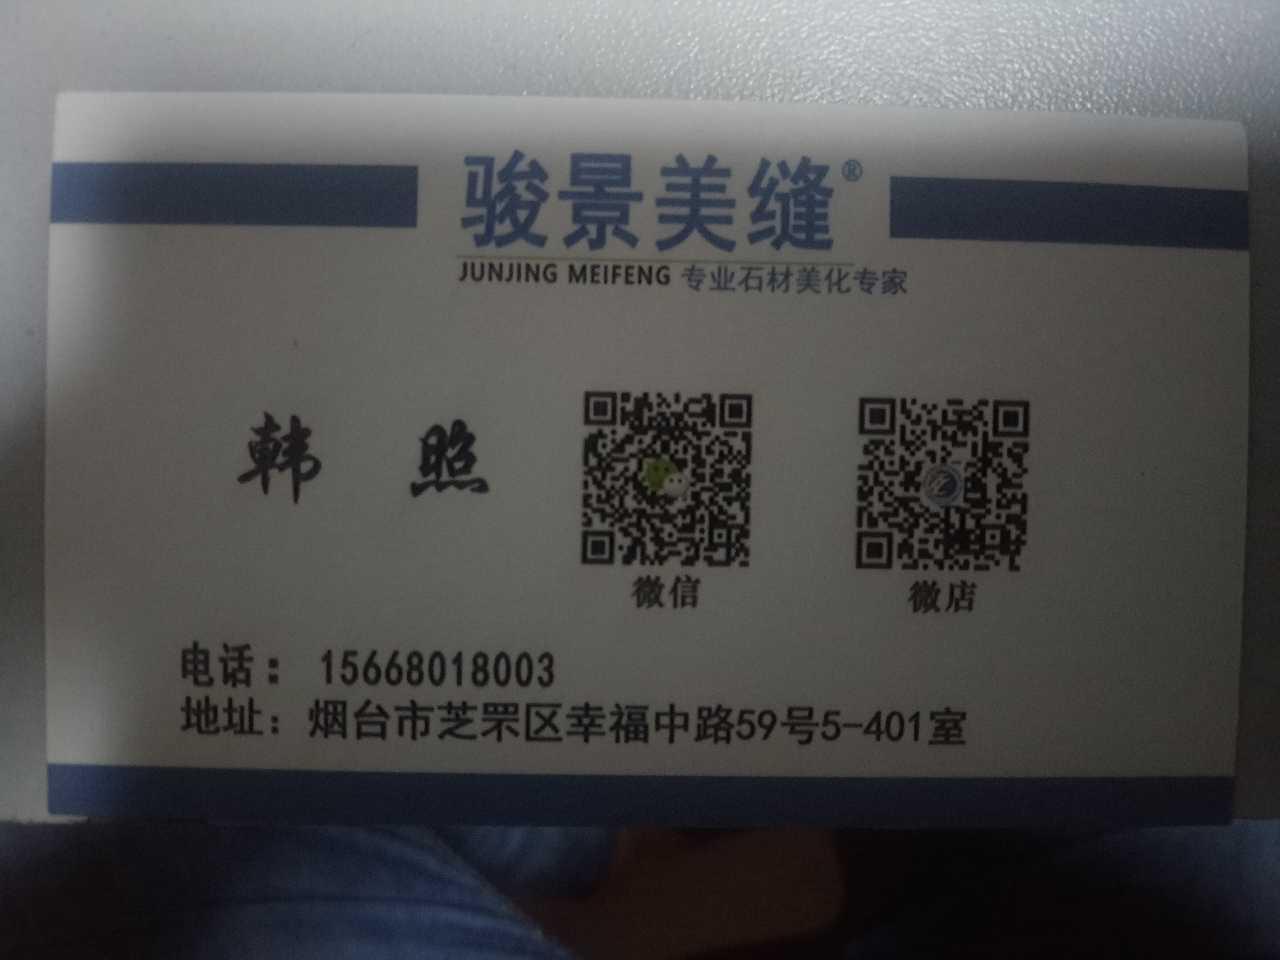 来自韩*发布的供应信息:... - 微信微店